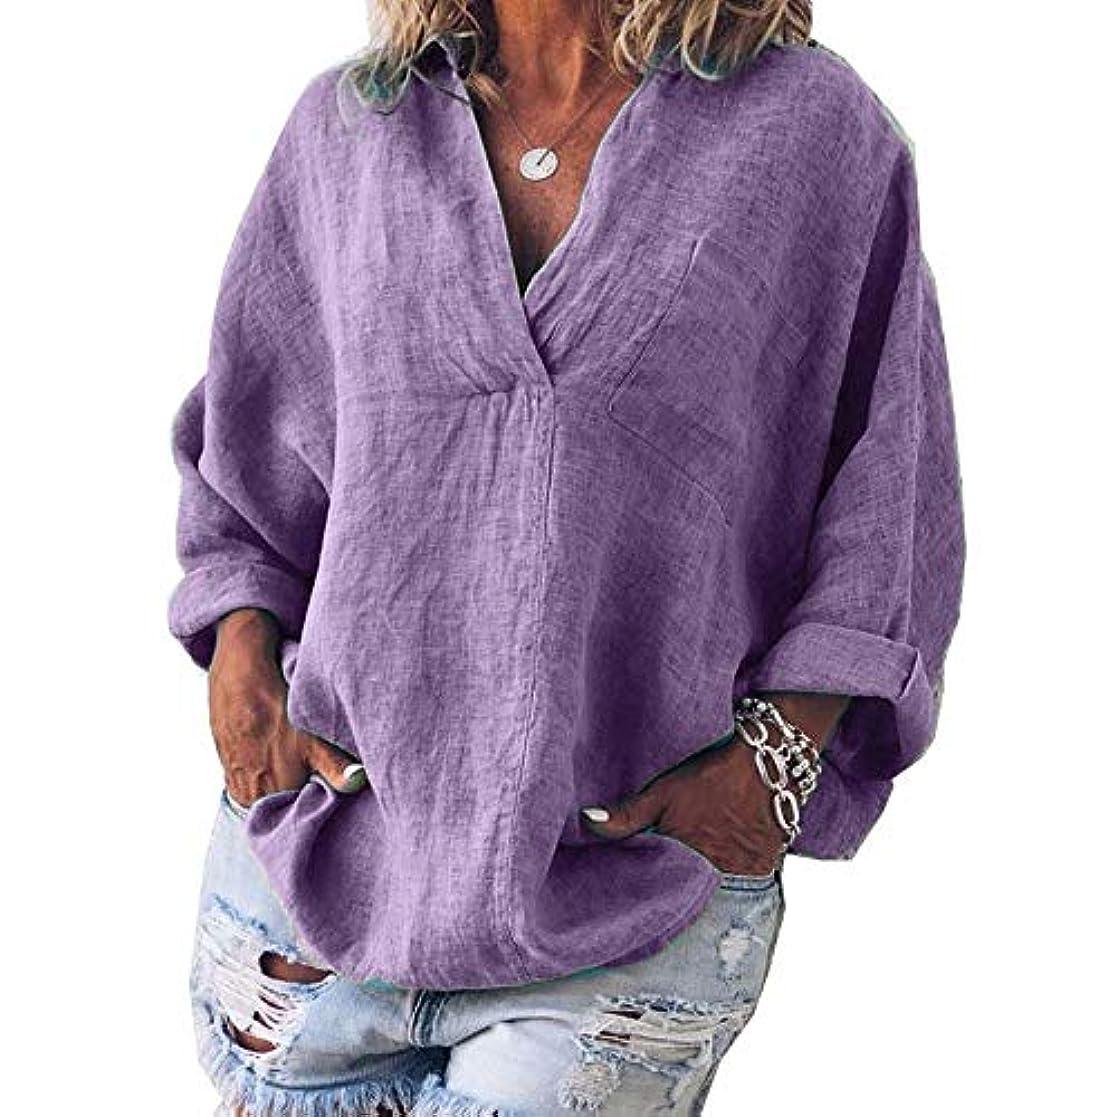 神ローストジェスチャーMIFAN女性ファッション春夏チュニックトップス深いVネックTシャツ長袖プルオーバールーズリネンブラウス